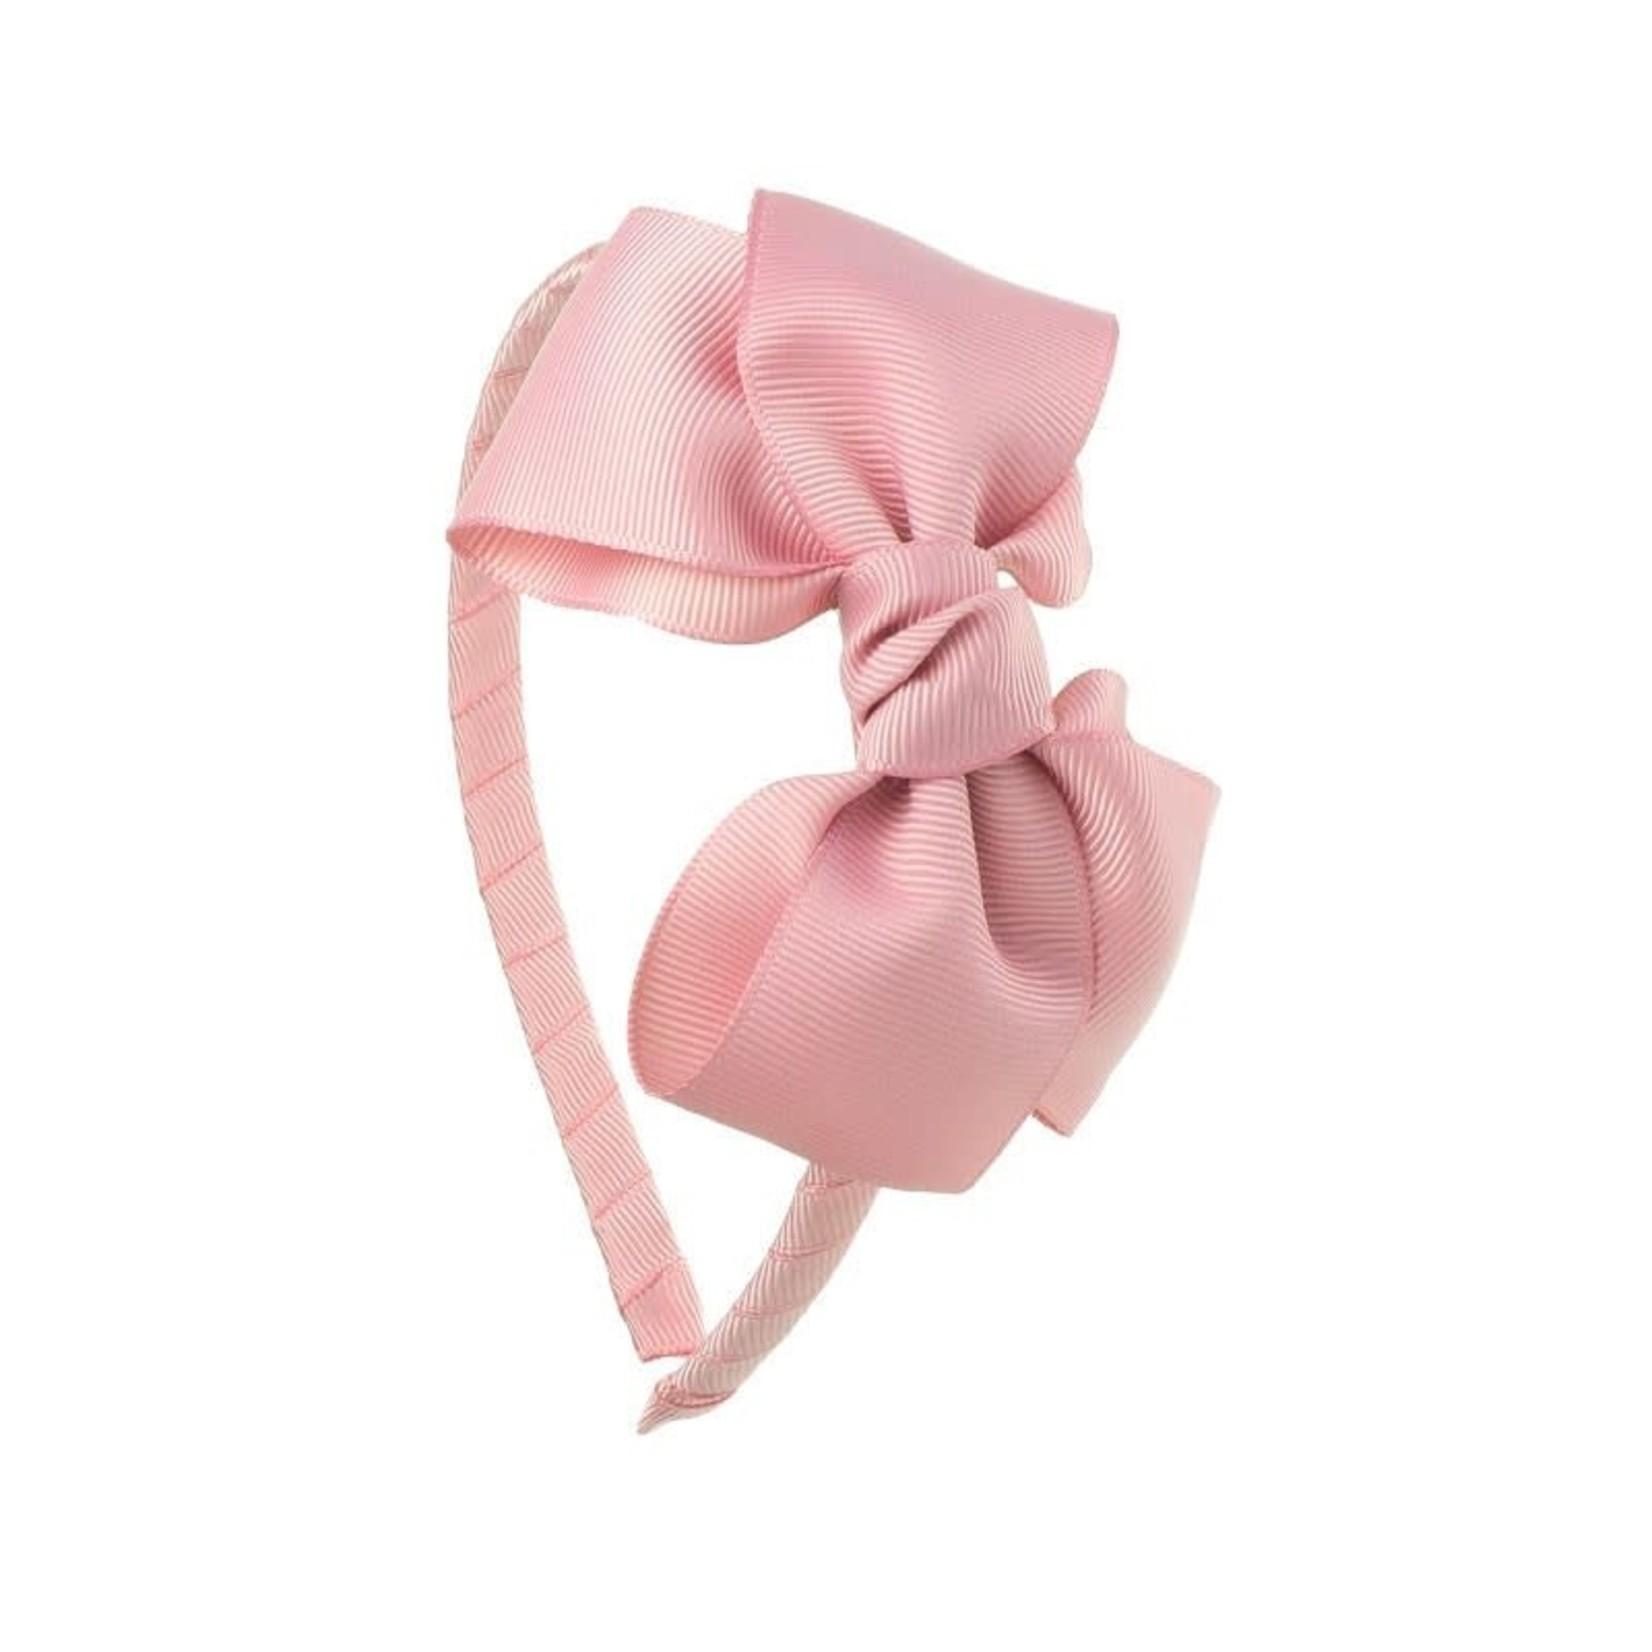 Diadeem Butterfly Bow - Rosa